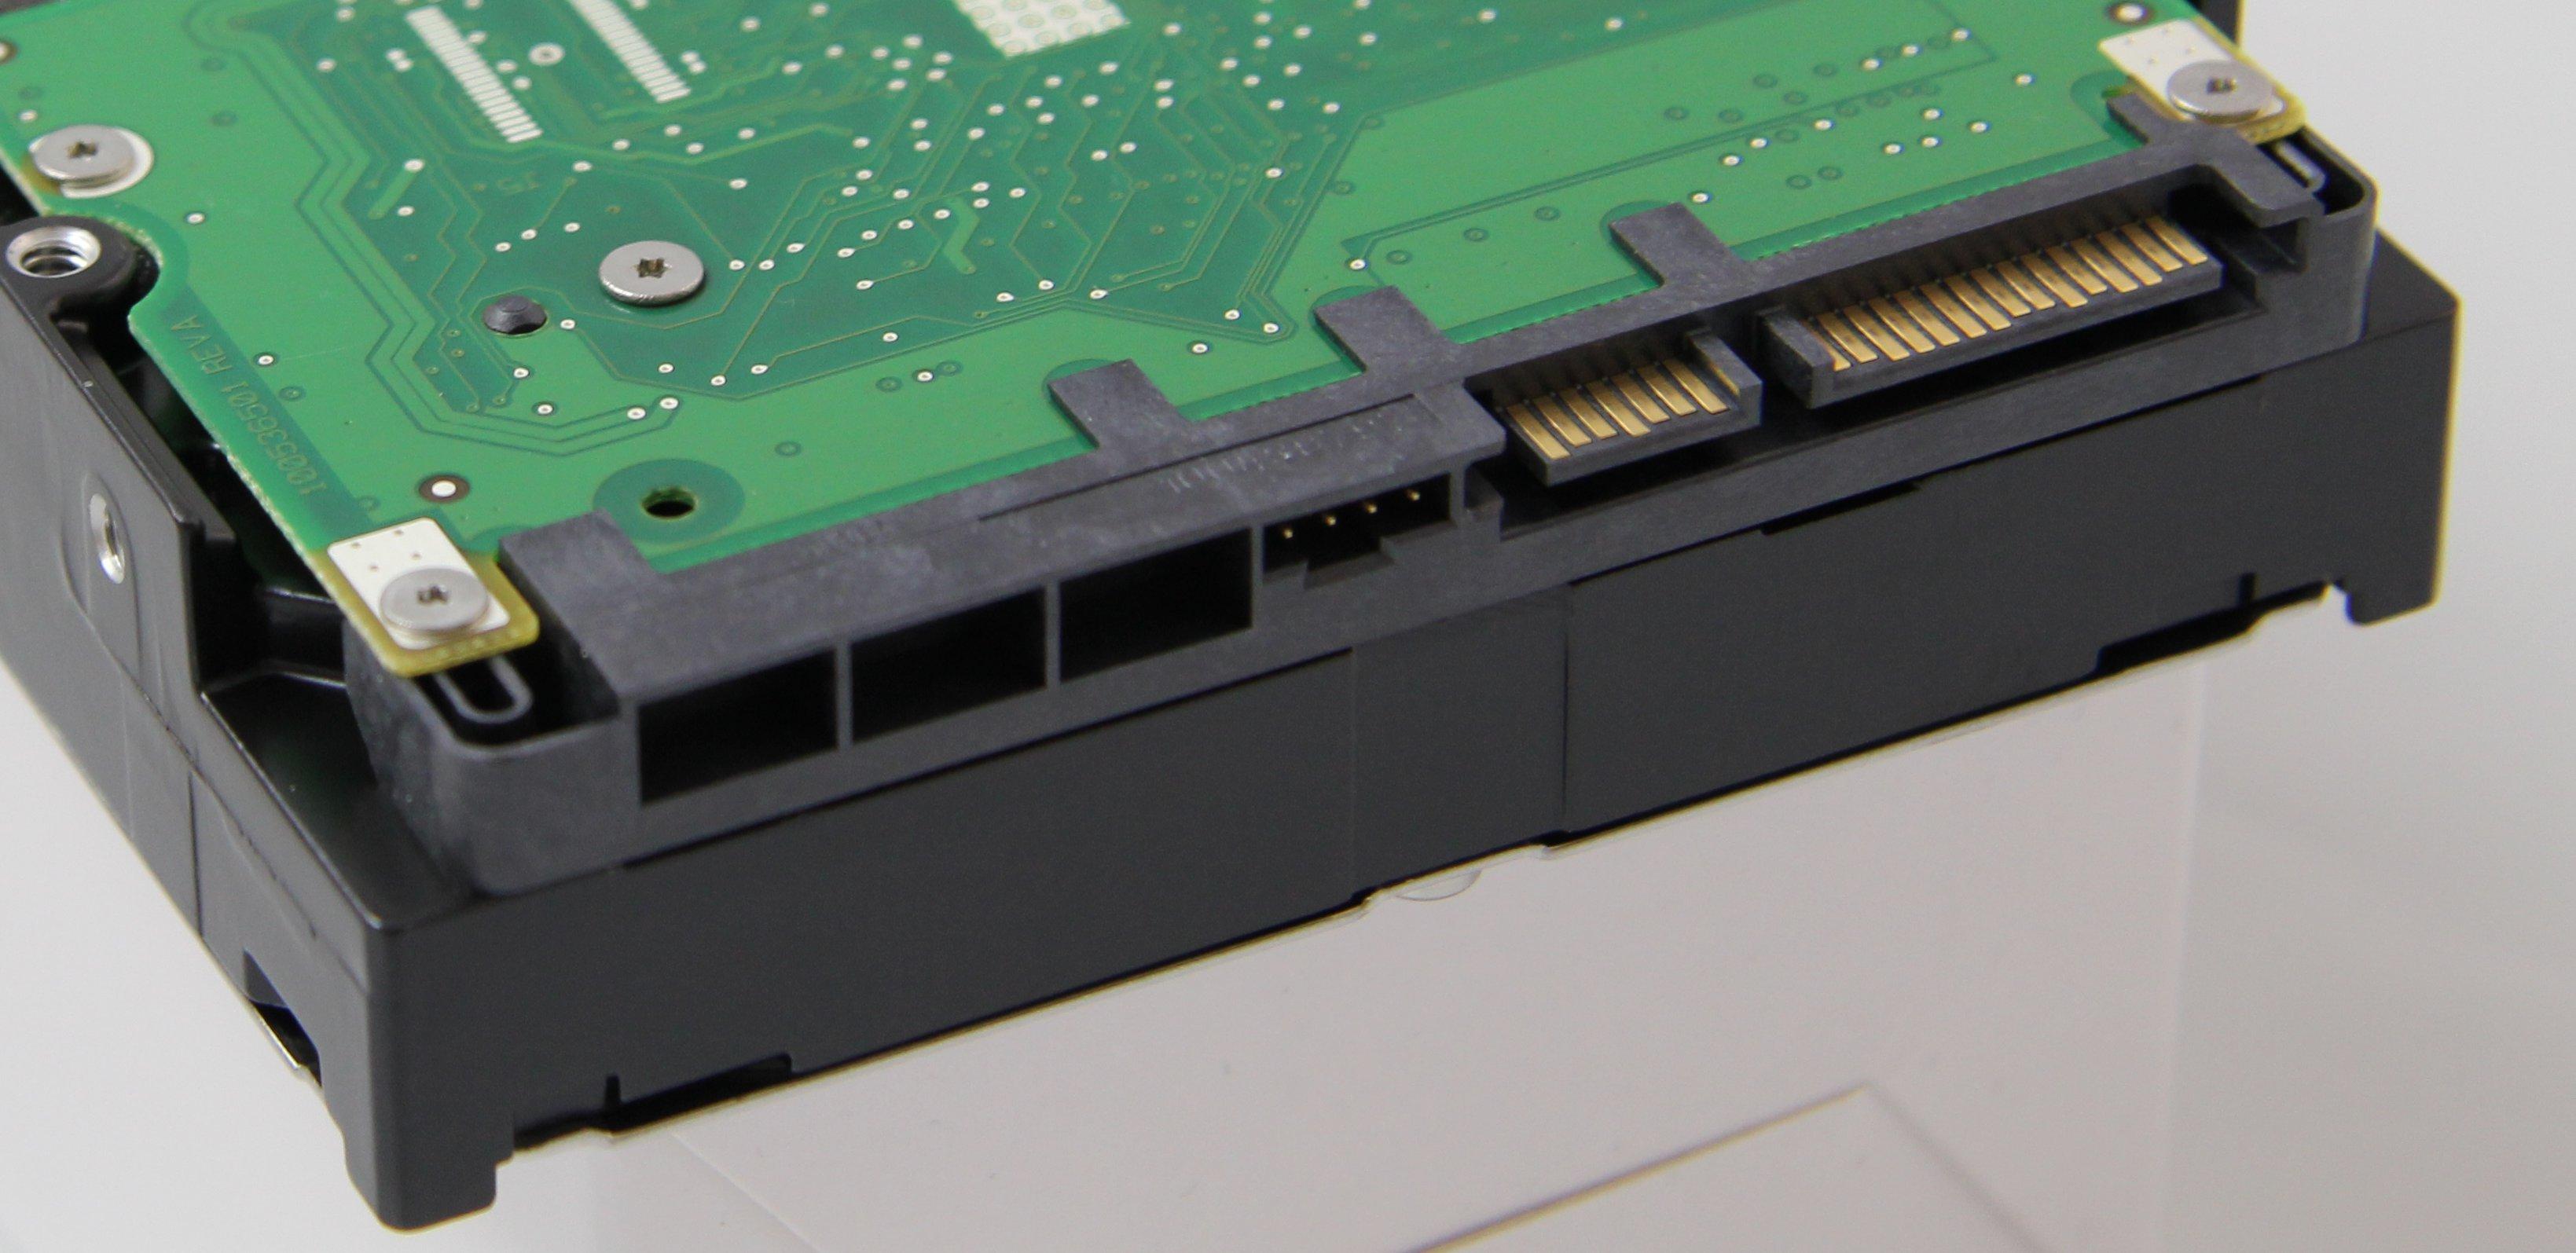 festplatte-sata-anschluss-470.jpg